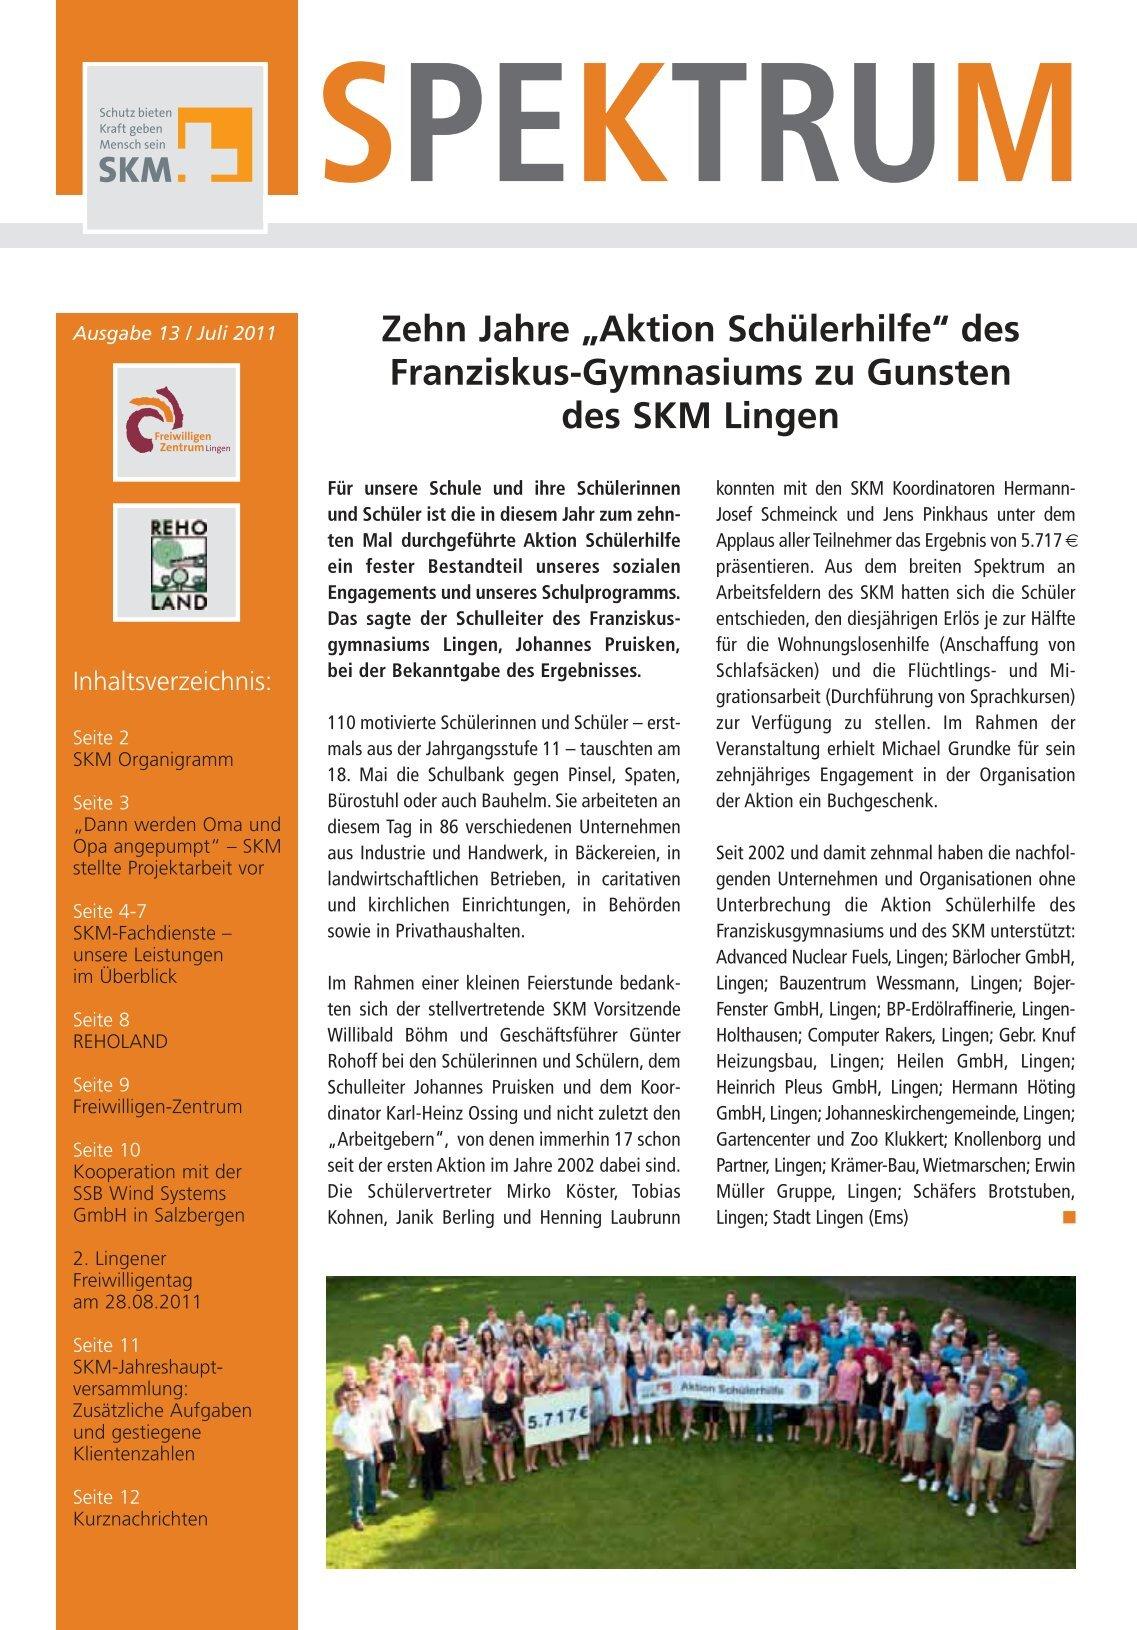 Schön Bilderrahmen 12 Bilder Schule K Ideen - Rahmen Ideen ...